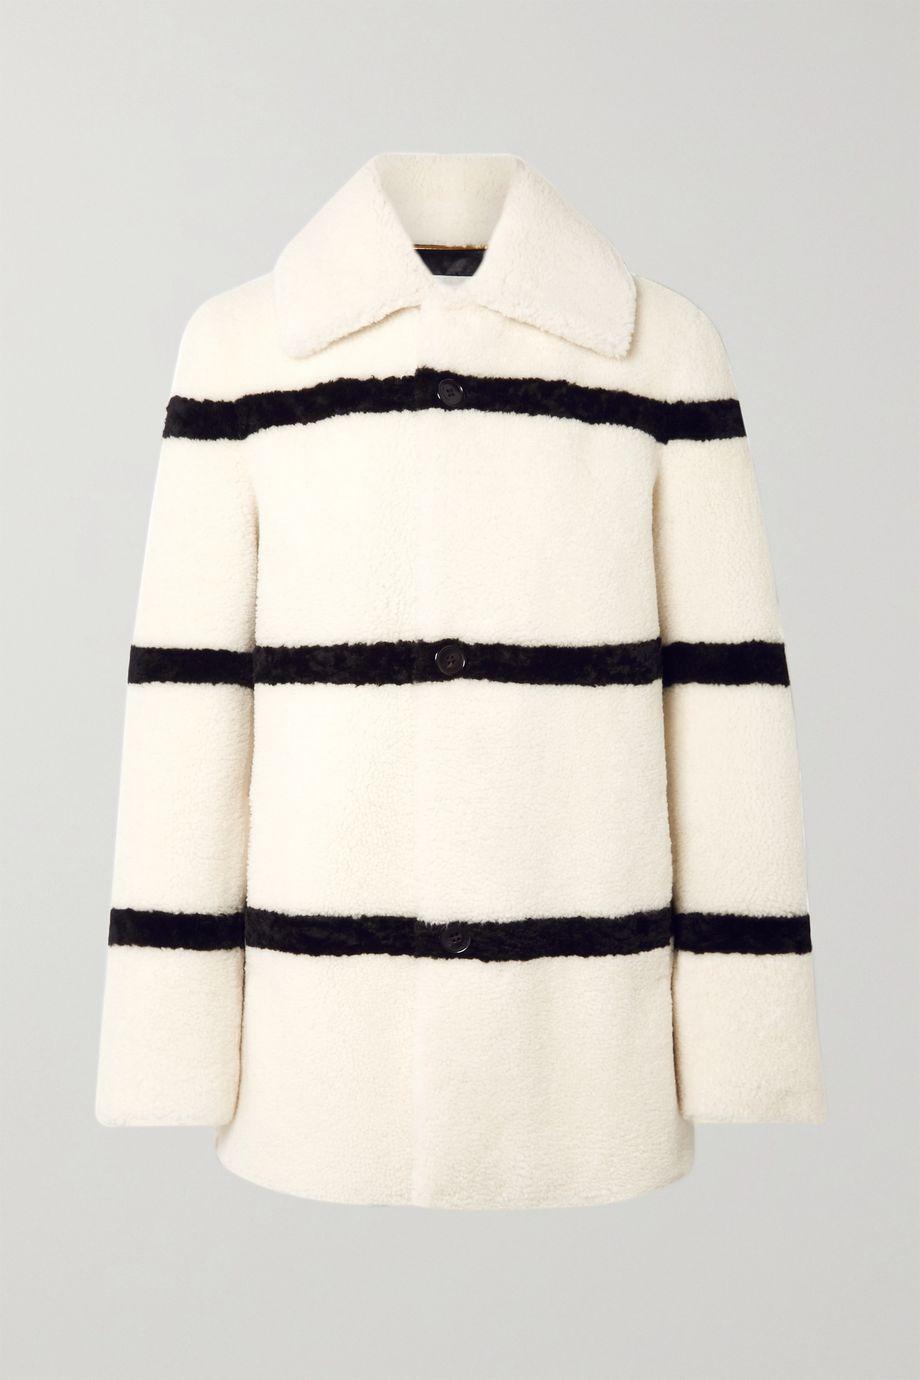 SAINT LAURENT Manteau en peau lainée à rayures